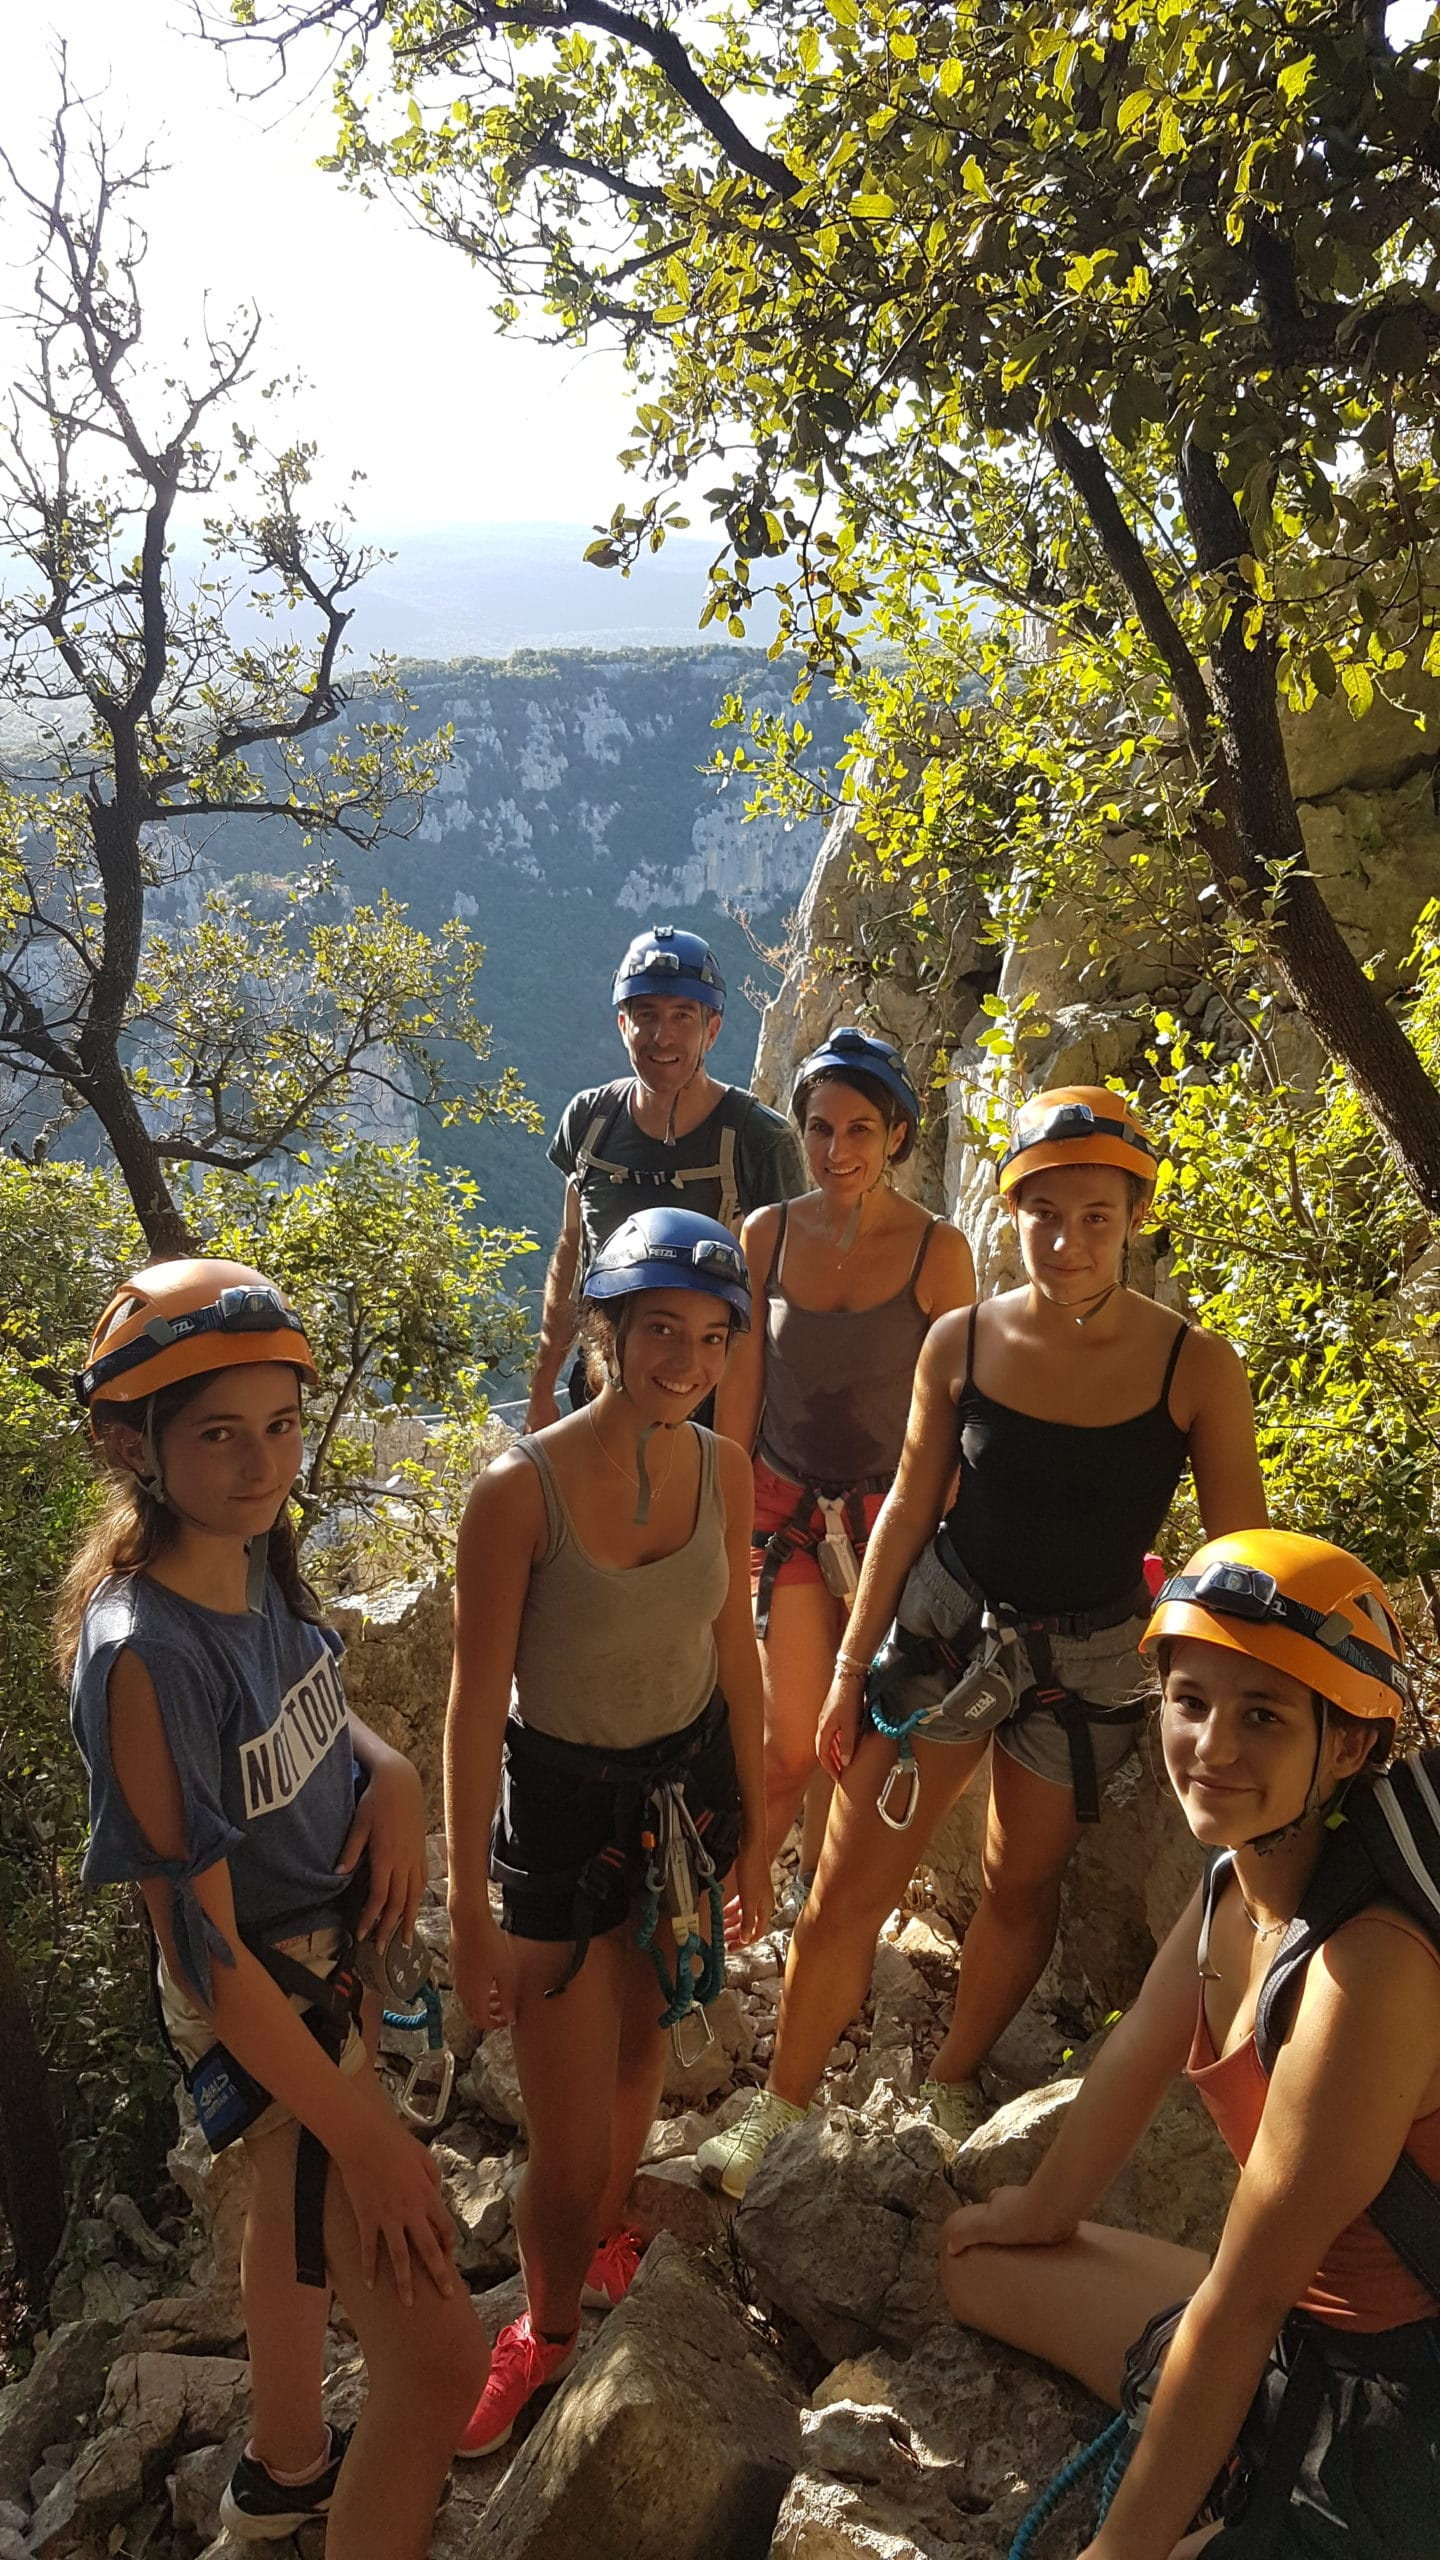 Activités nature famille dans l'Hérault, faites le plein de sensations avec vos proches !